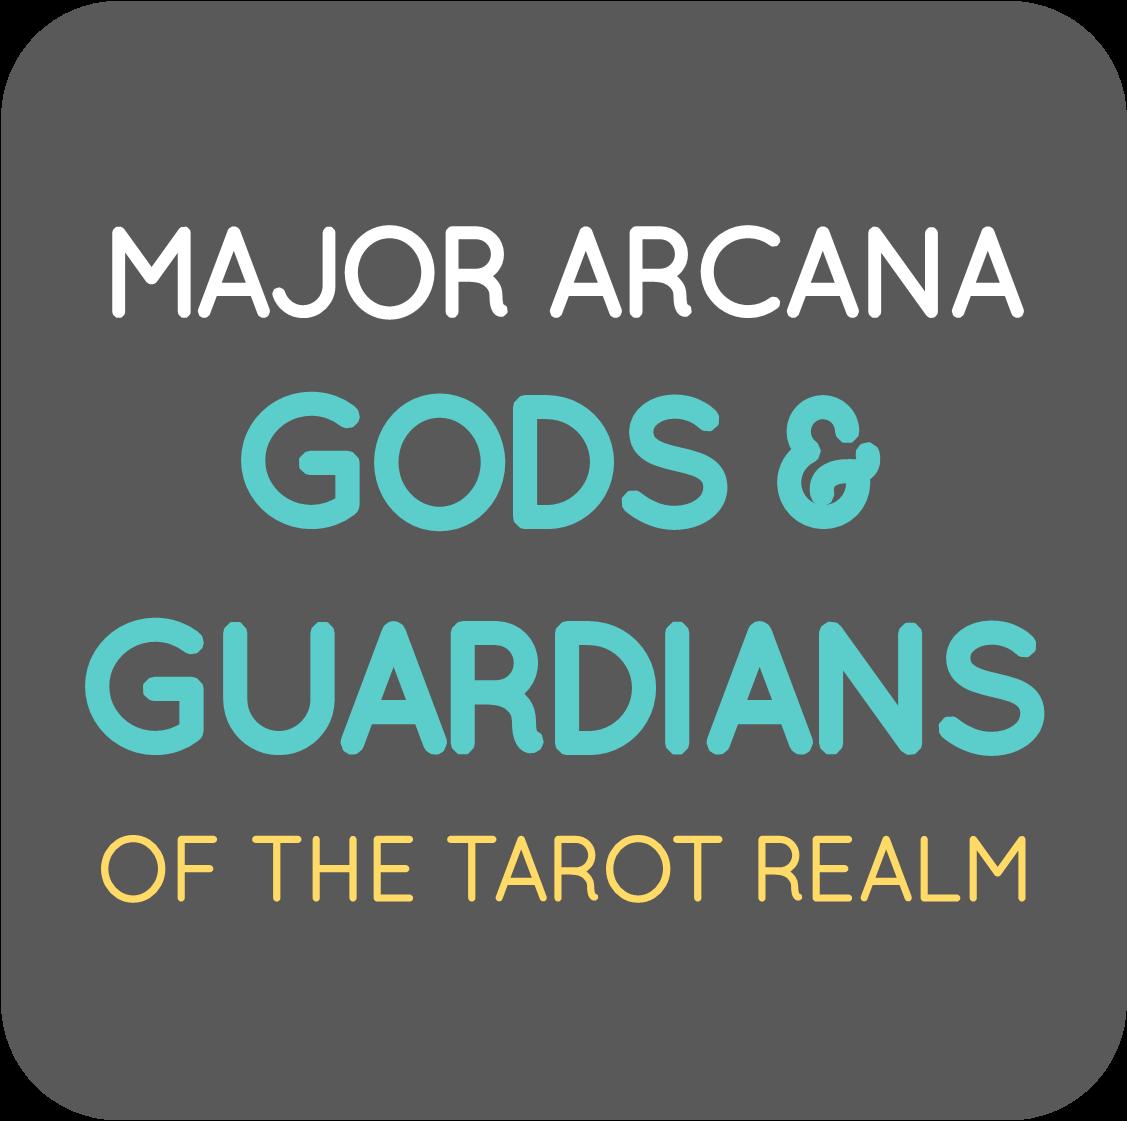 major arcana gods and guardians tarot kingdom squarespace image.png